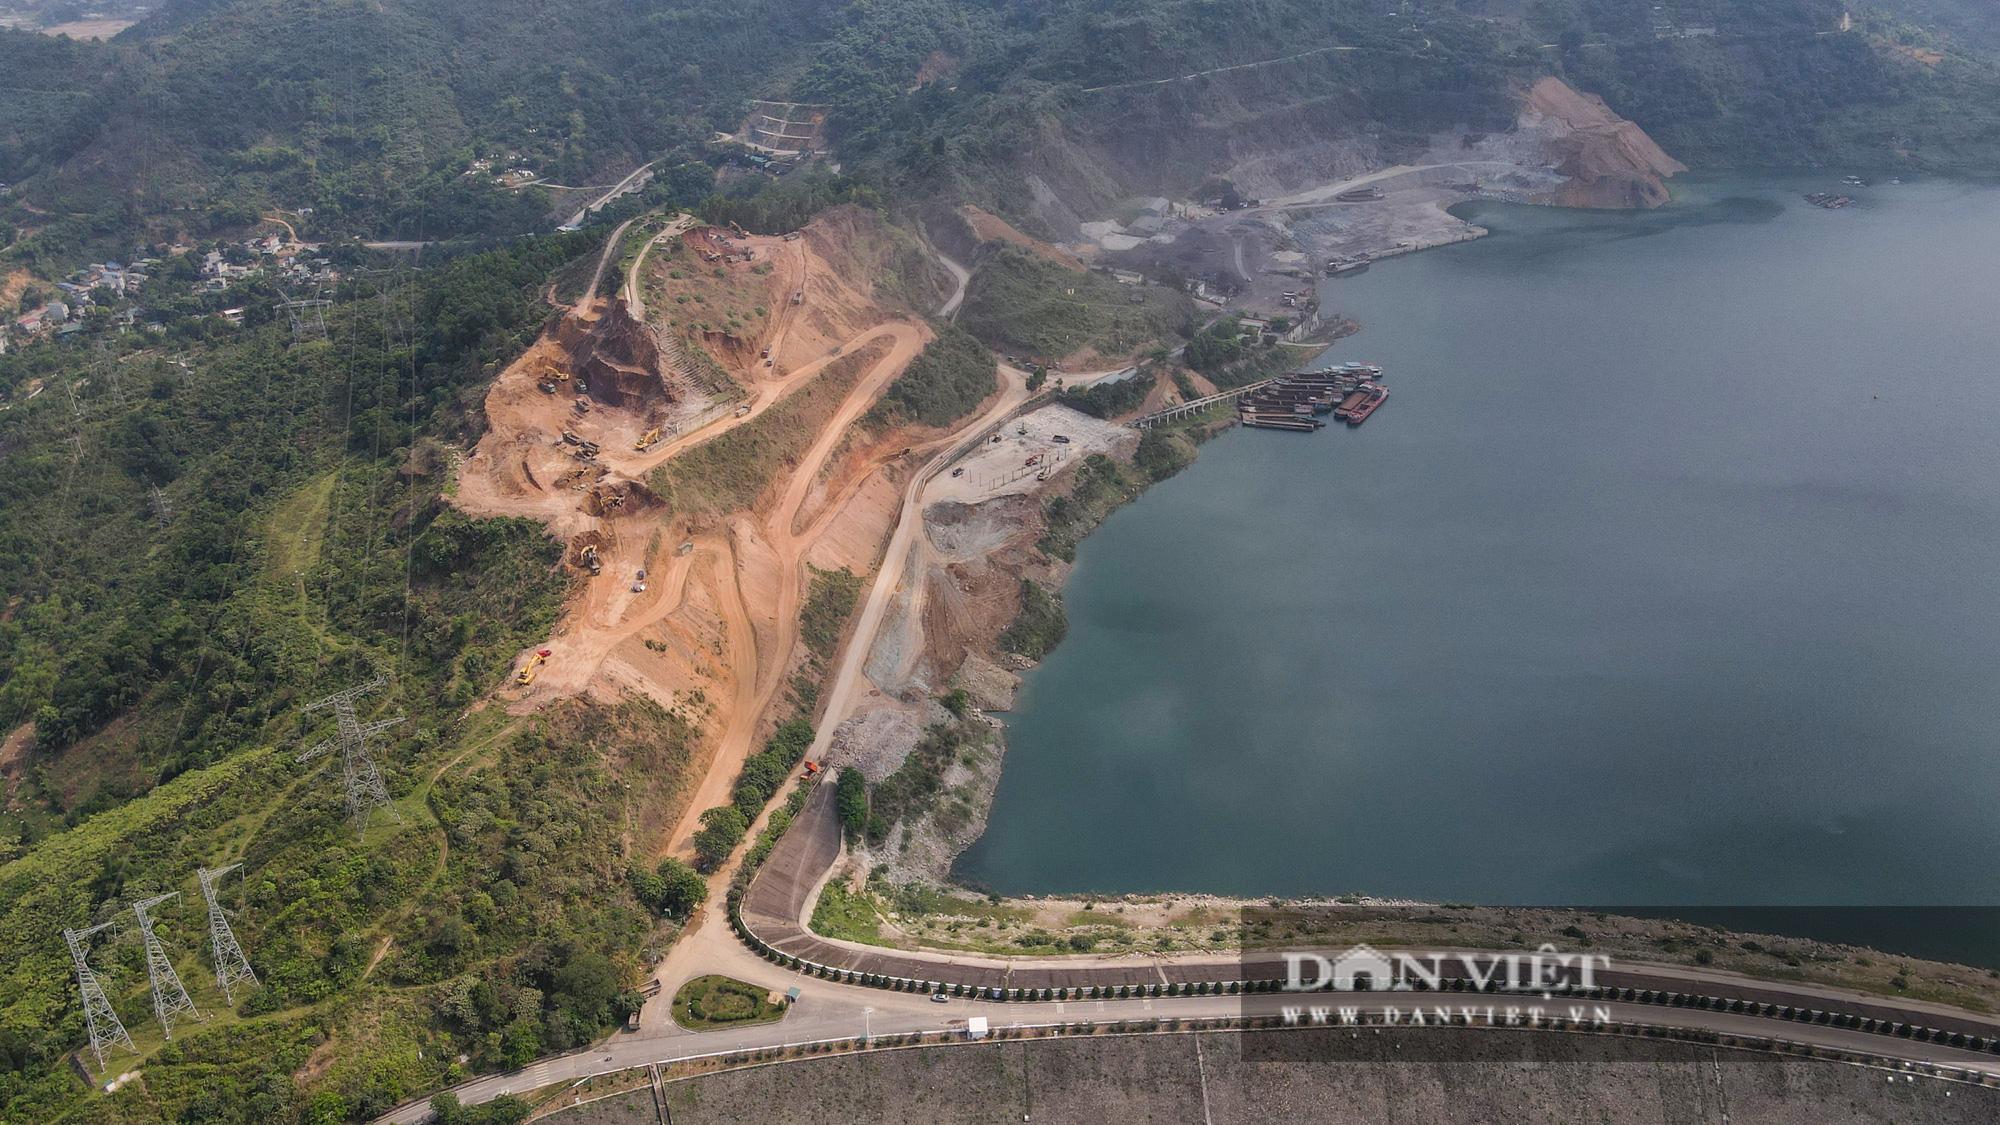 Công trình mở rộng nhà máy thuỷ điện Hoà Bình hơn 9000 tỷ nhìn từ trên cao  - Ảnh 4.